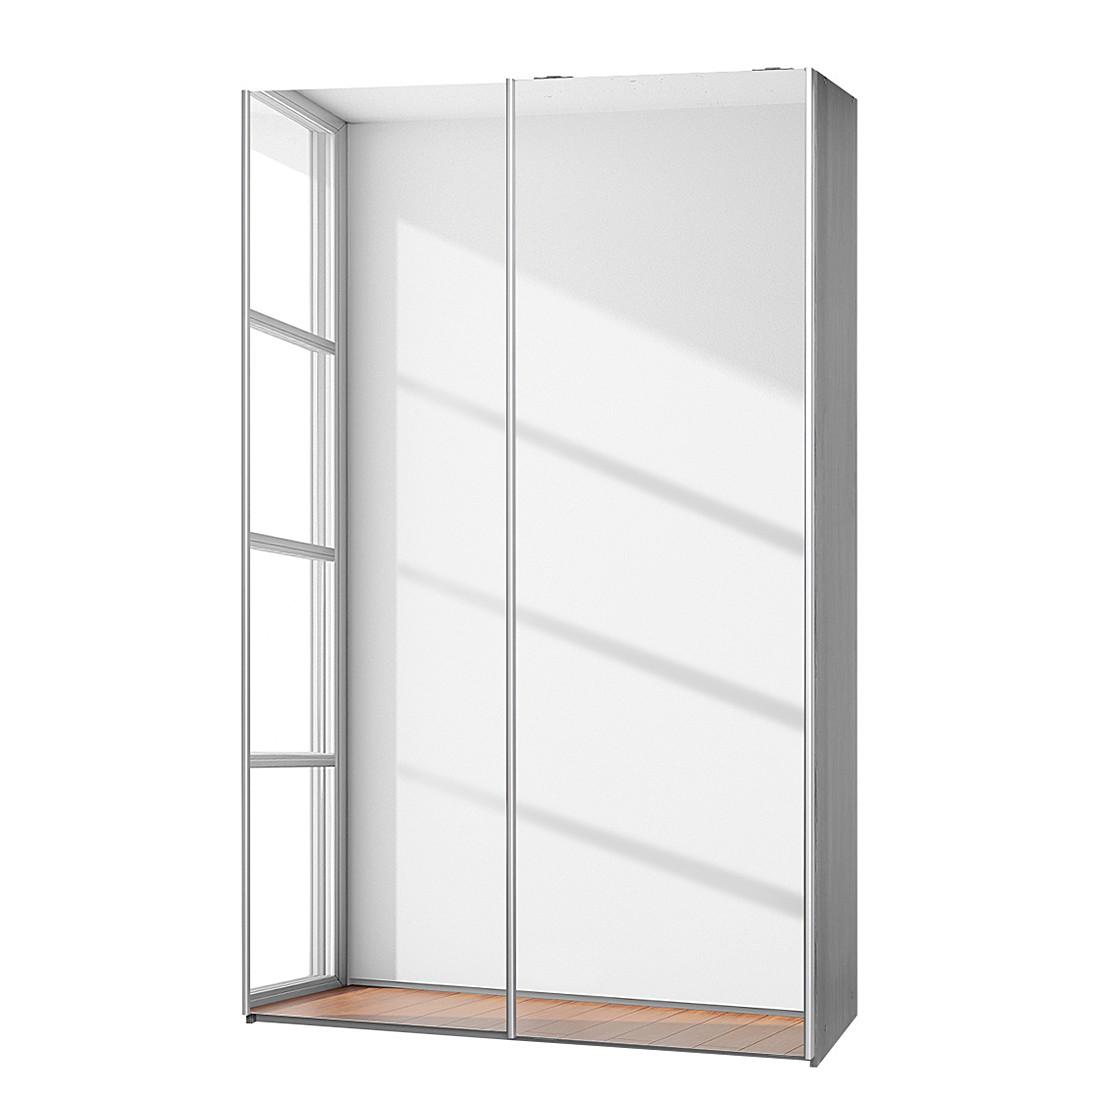 Schwebetürenschrank Soft Smart II – Silbereiche Dekor/Spiegeltüren – Breite: 120 cm / Tiefe 61 cm, CS Schmal jetzt bestellen